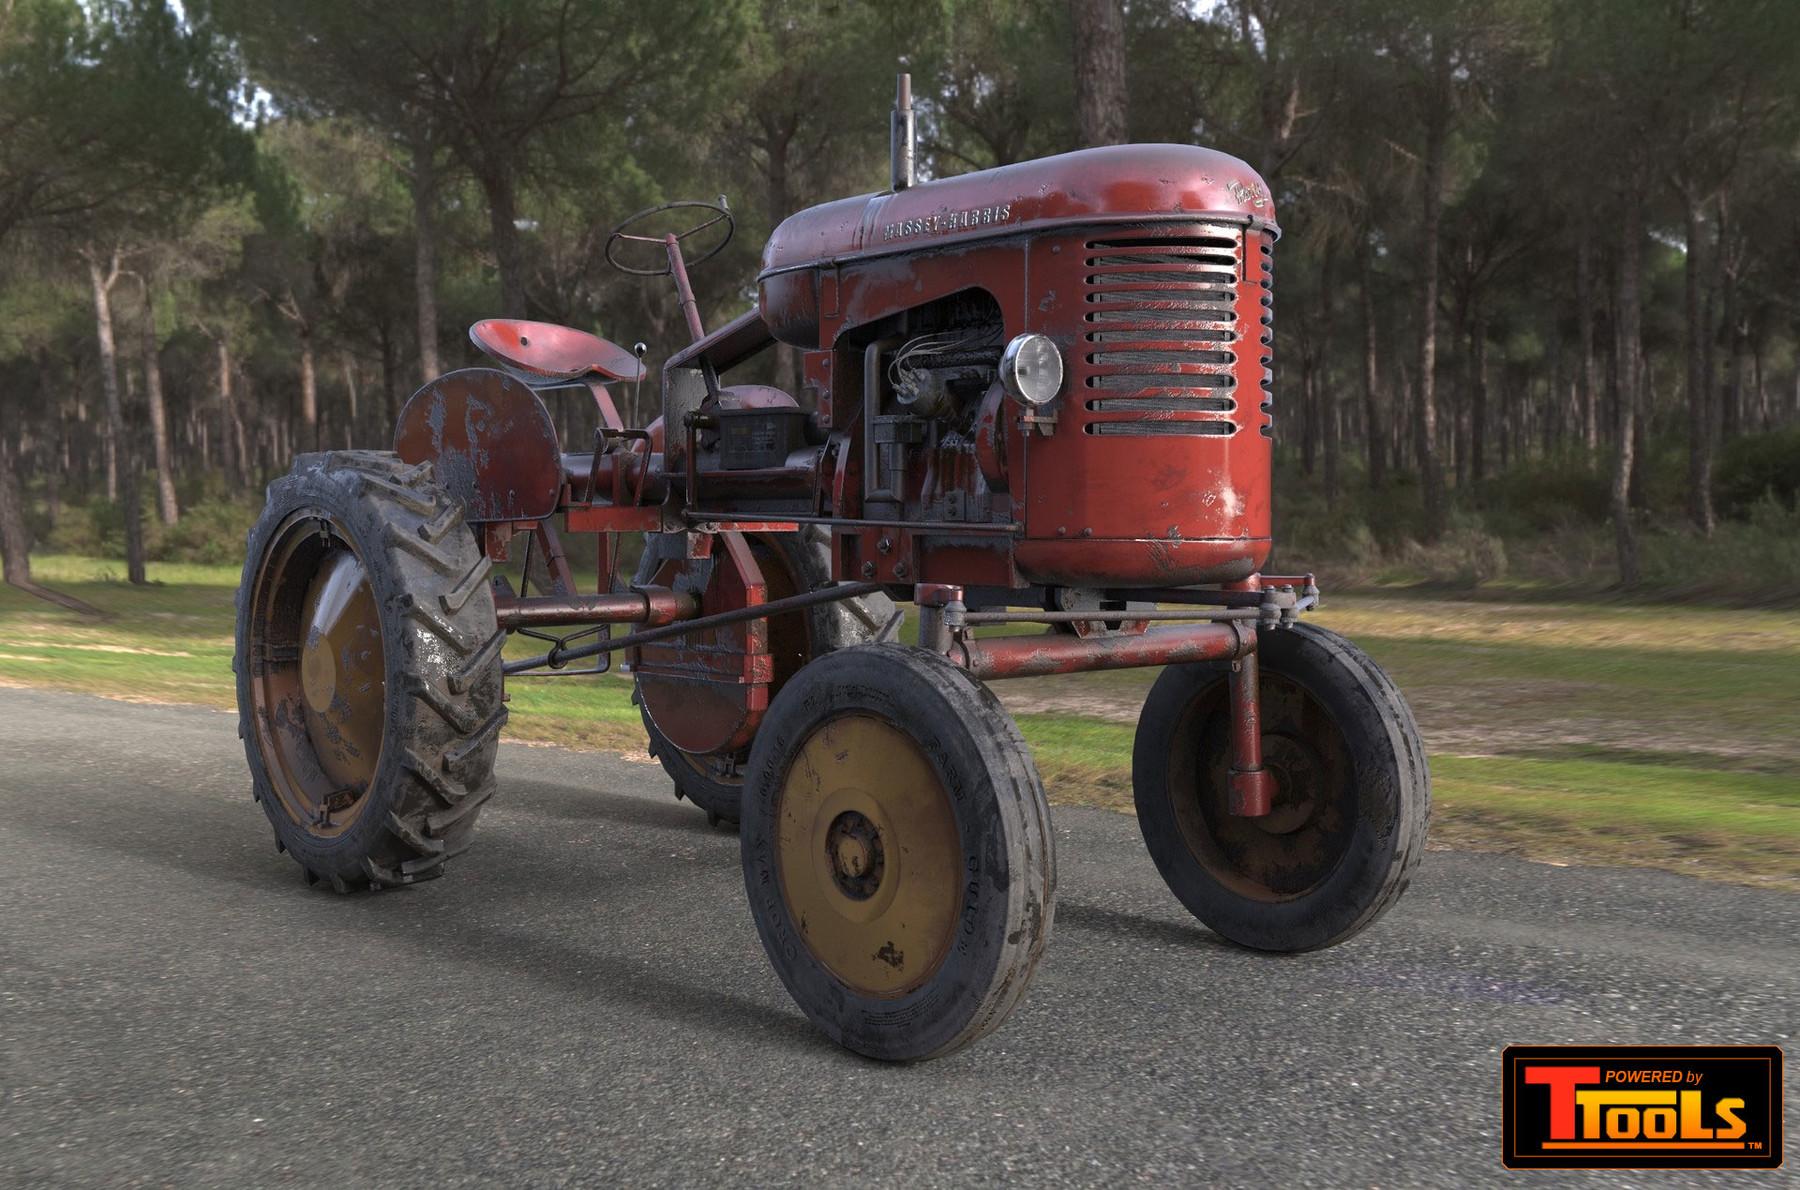 Ttools tractor